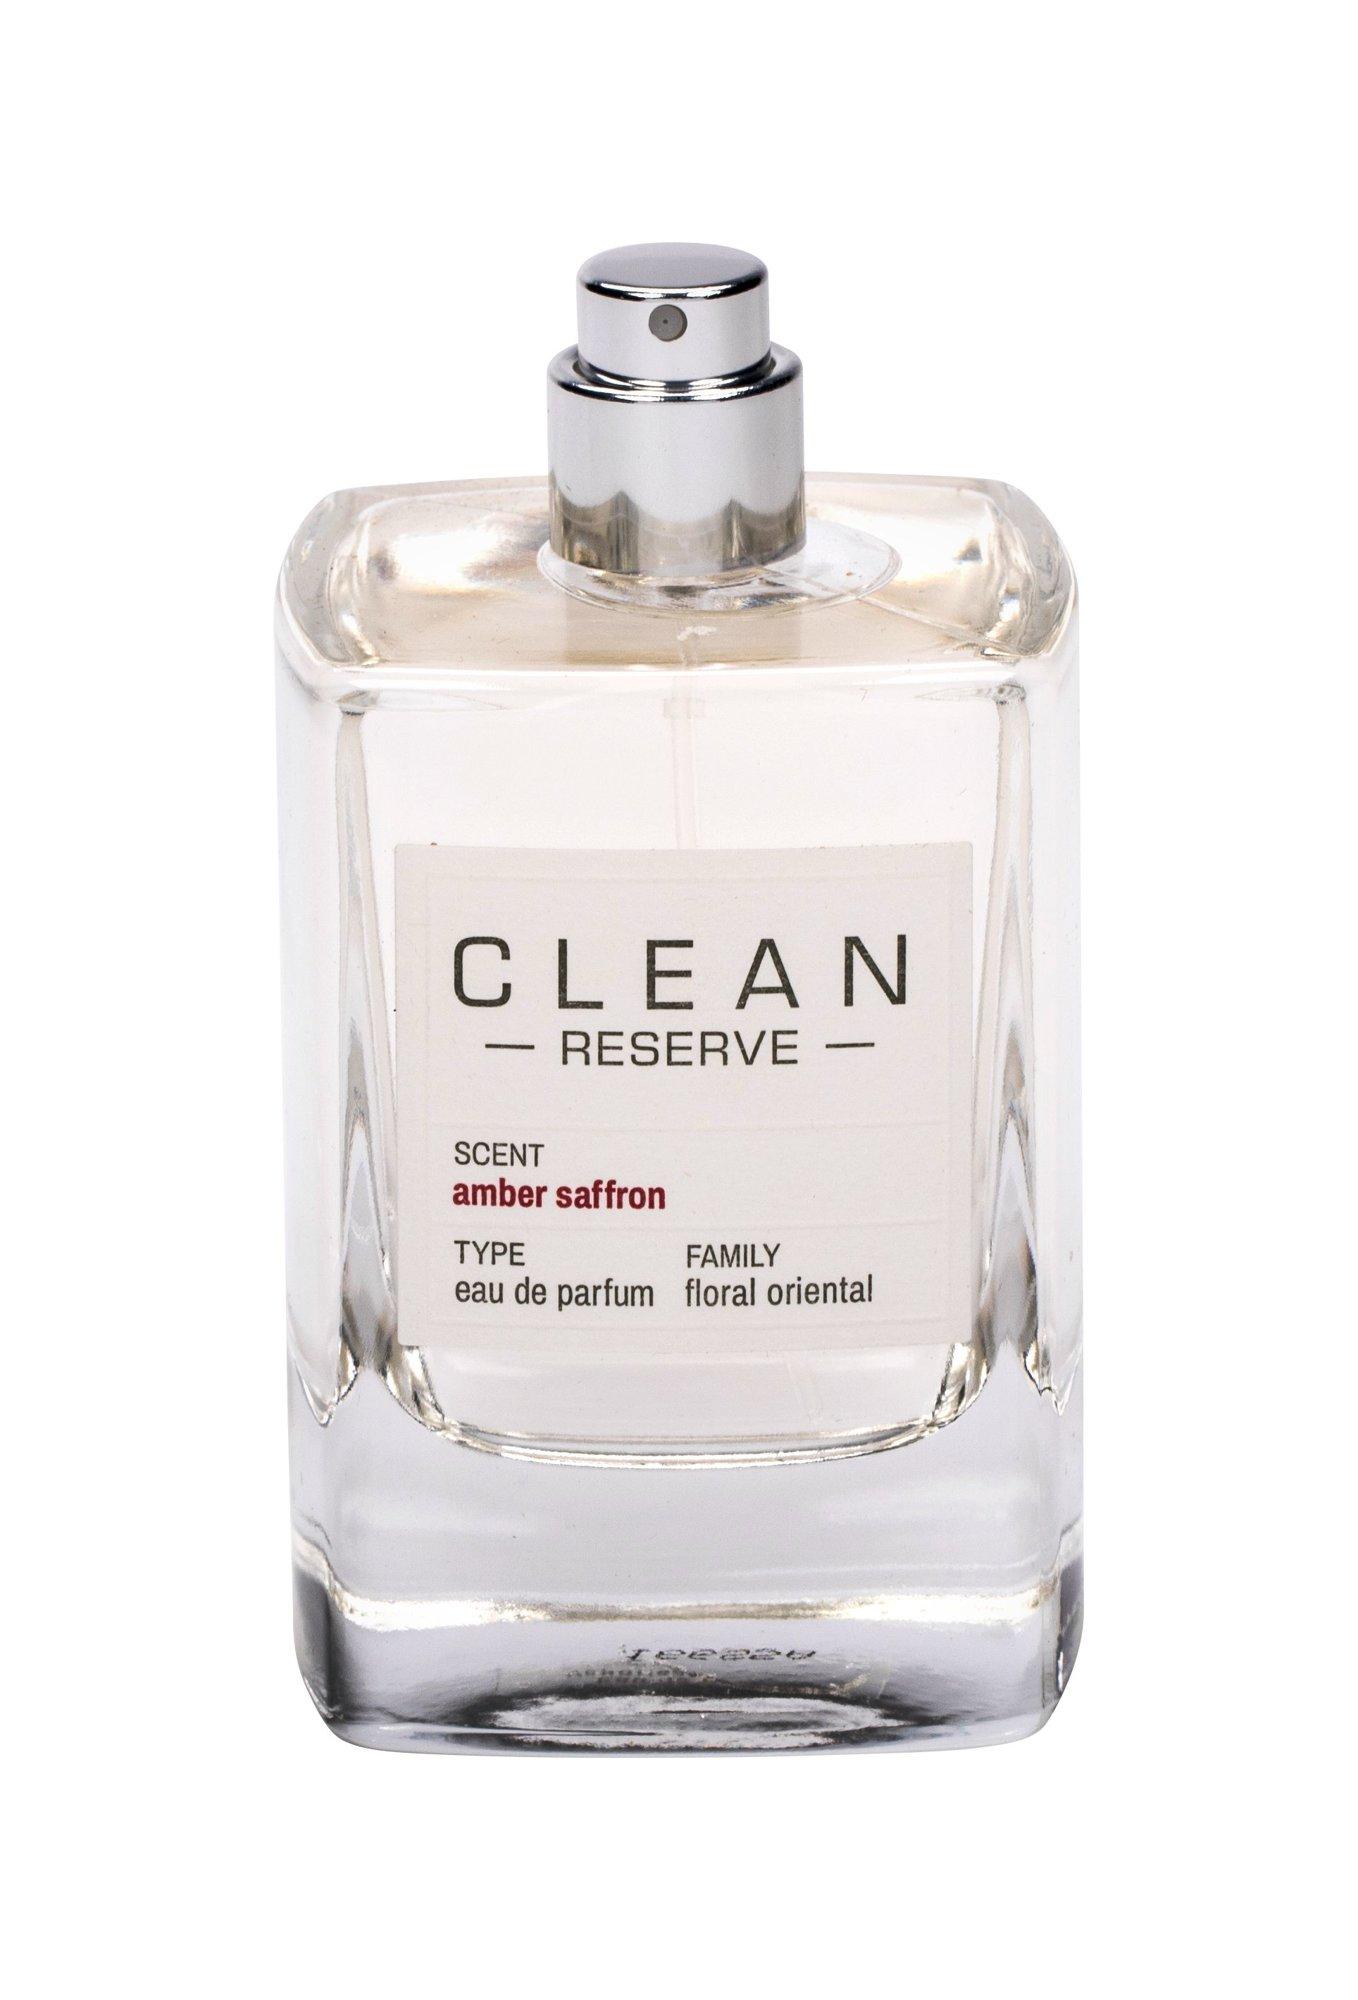 Clean Clean Reserve Collection Eau de Parfum 100ml  Amber Saffron